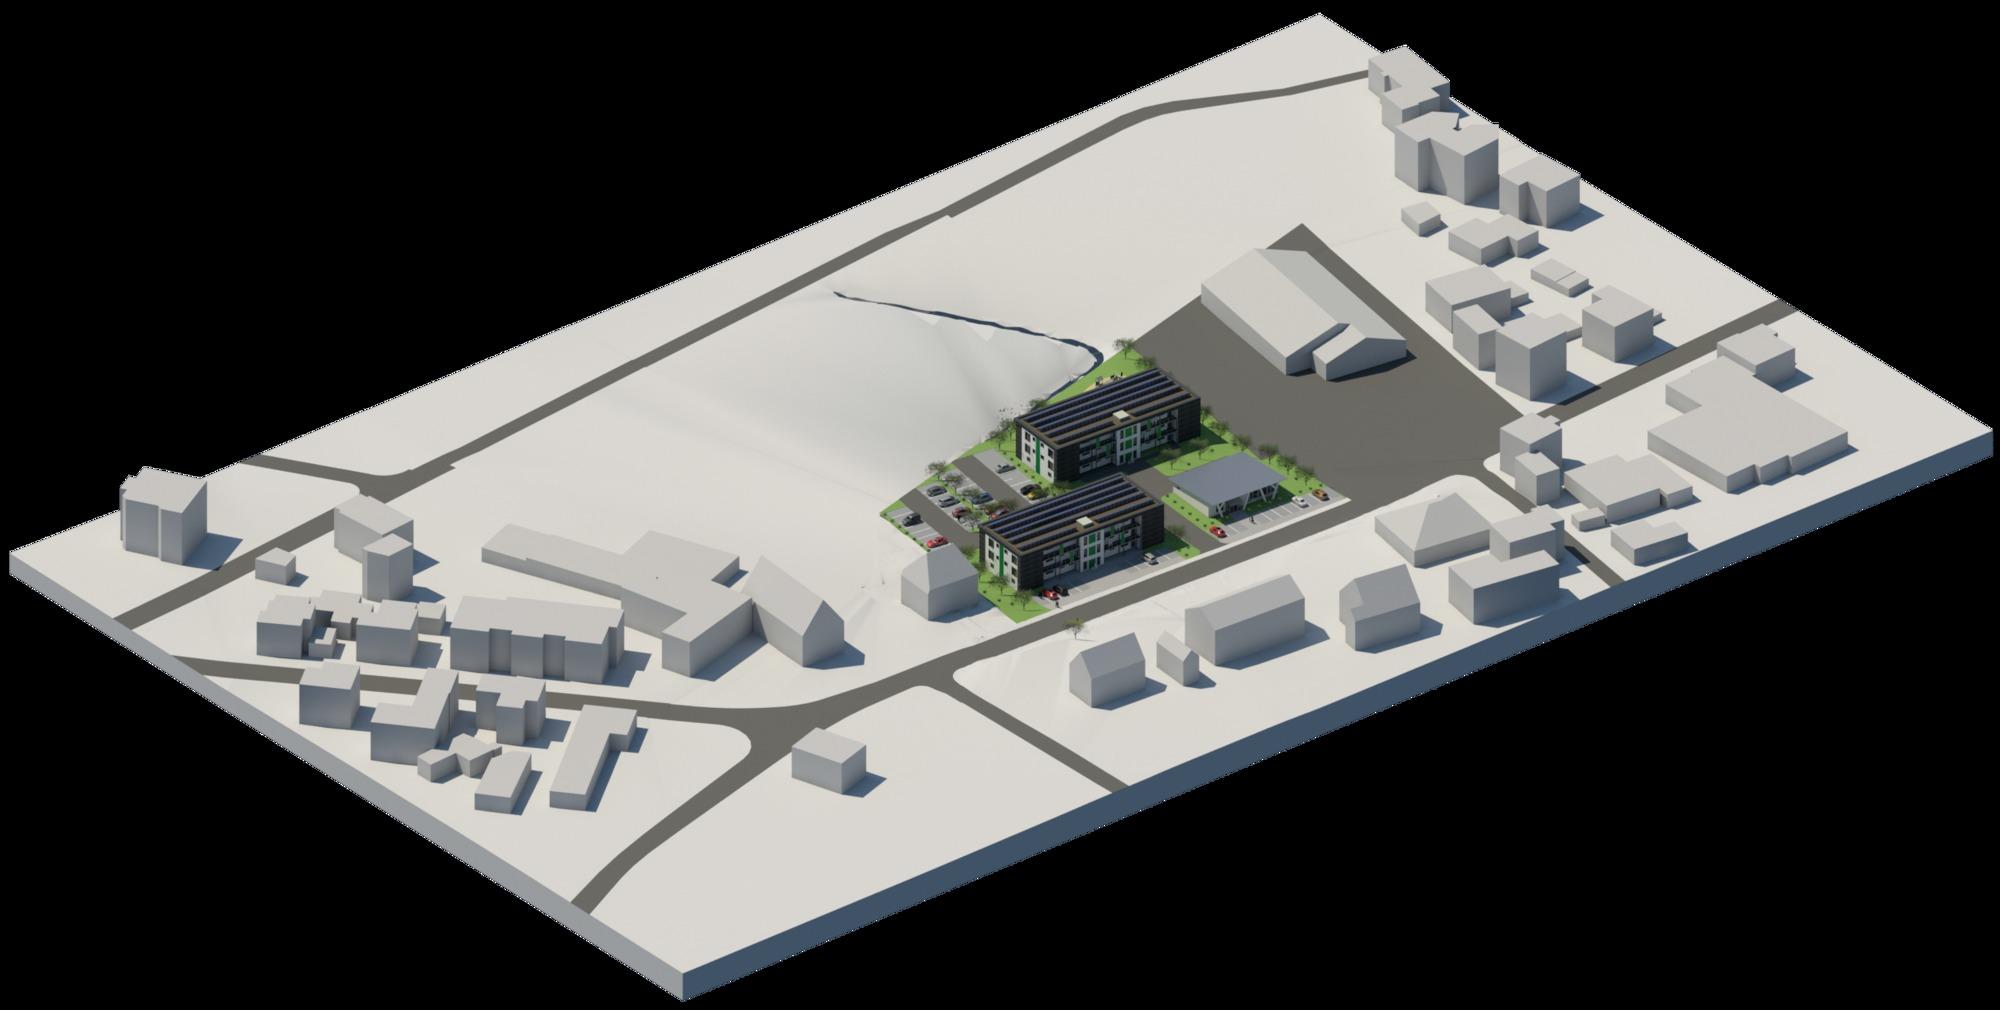 Raas-rendering20140918-14233-afdnso